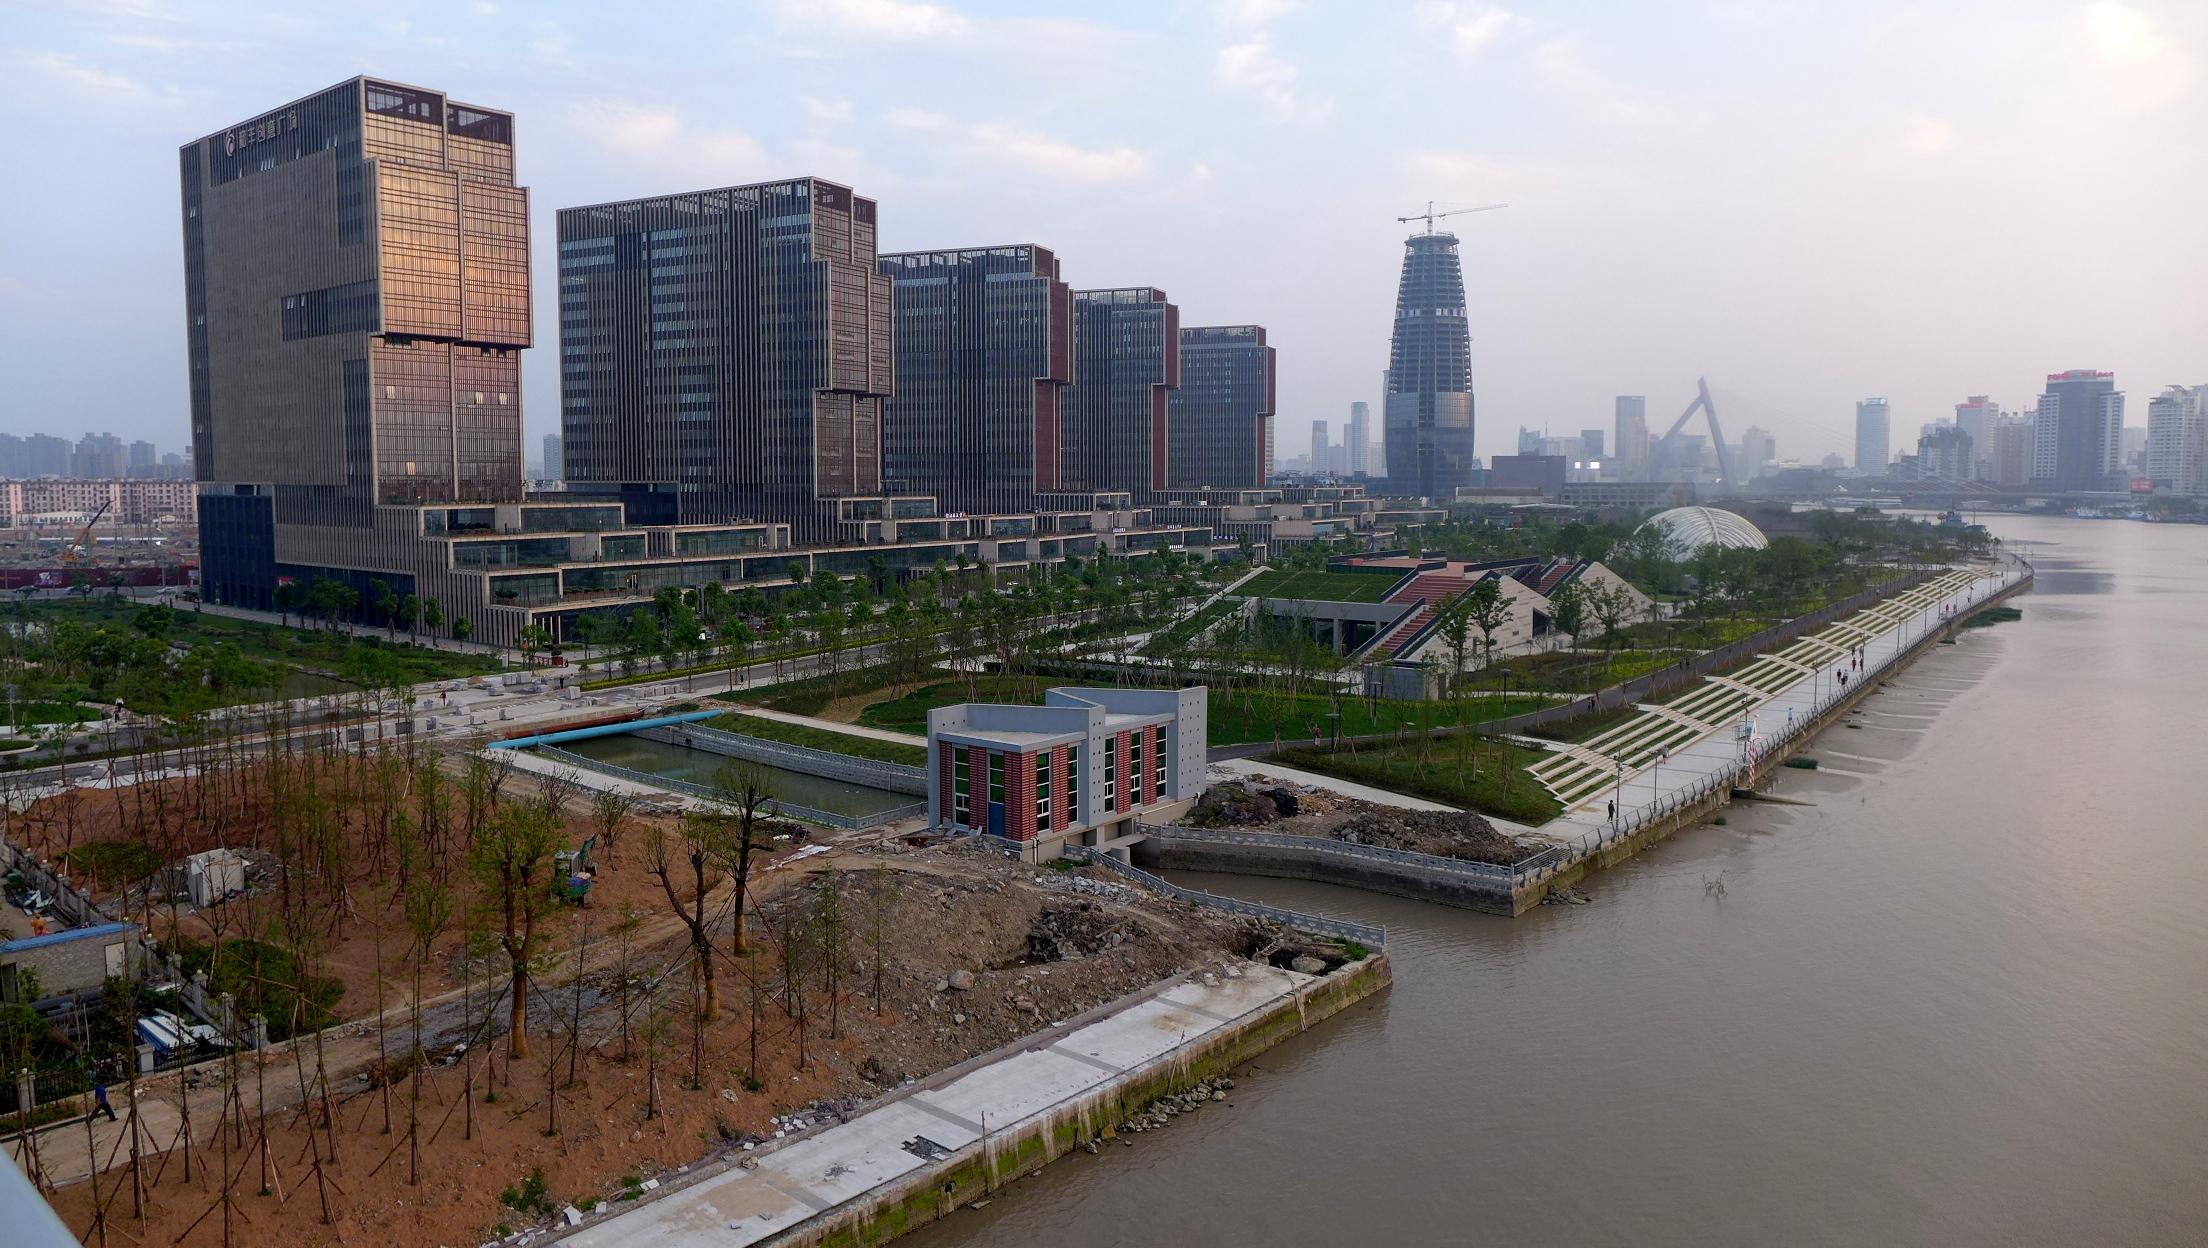 Ningbo zhejiang china